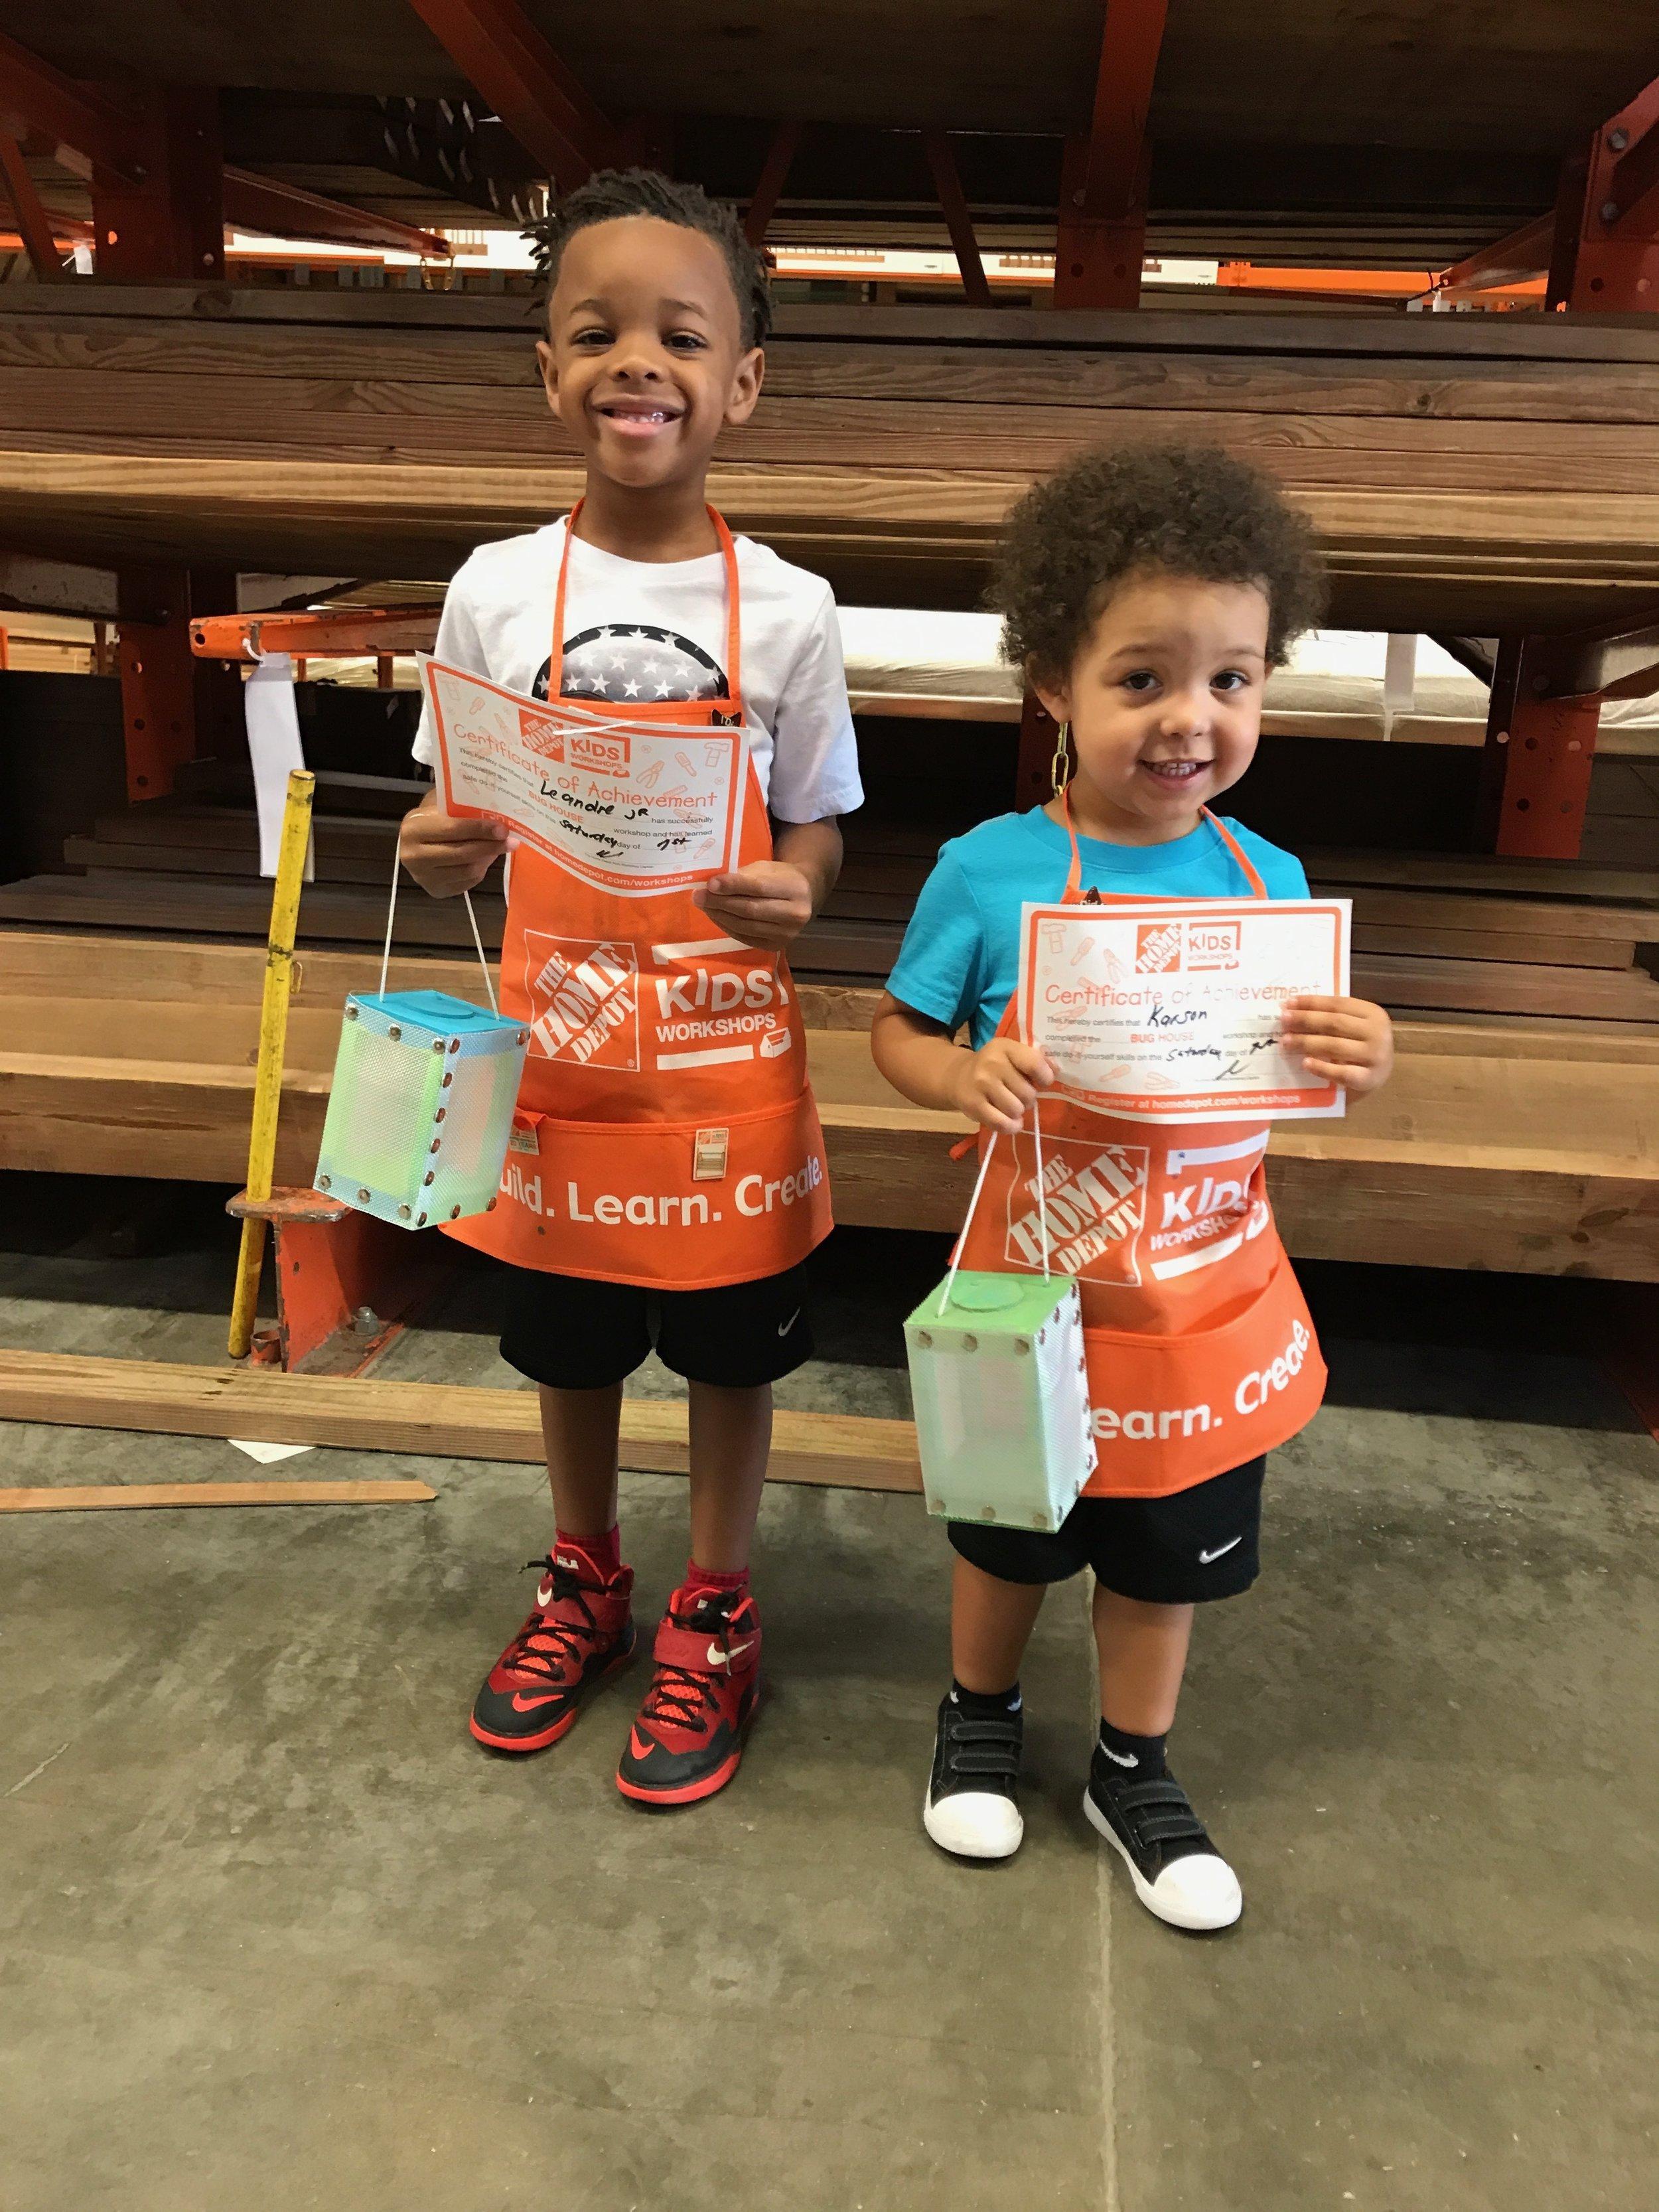 Home Depot Kids Diy Class